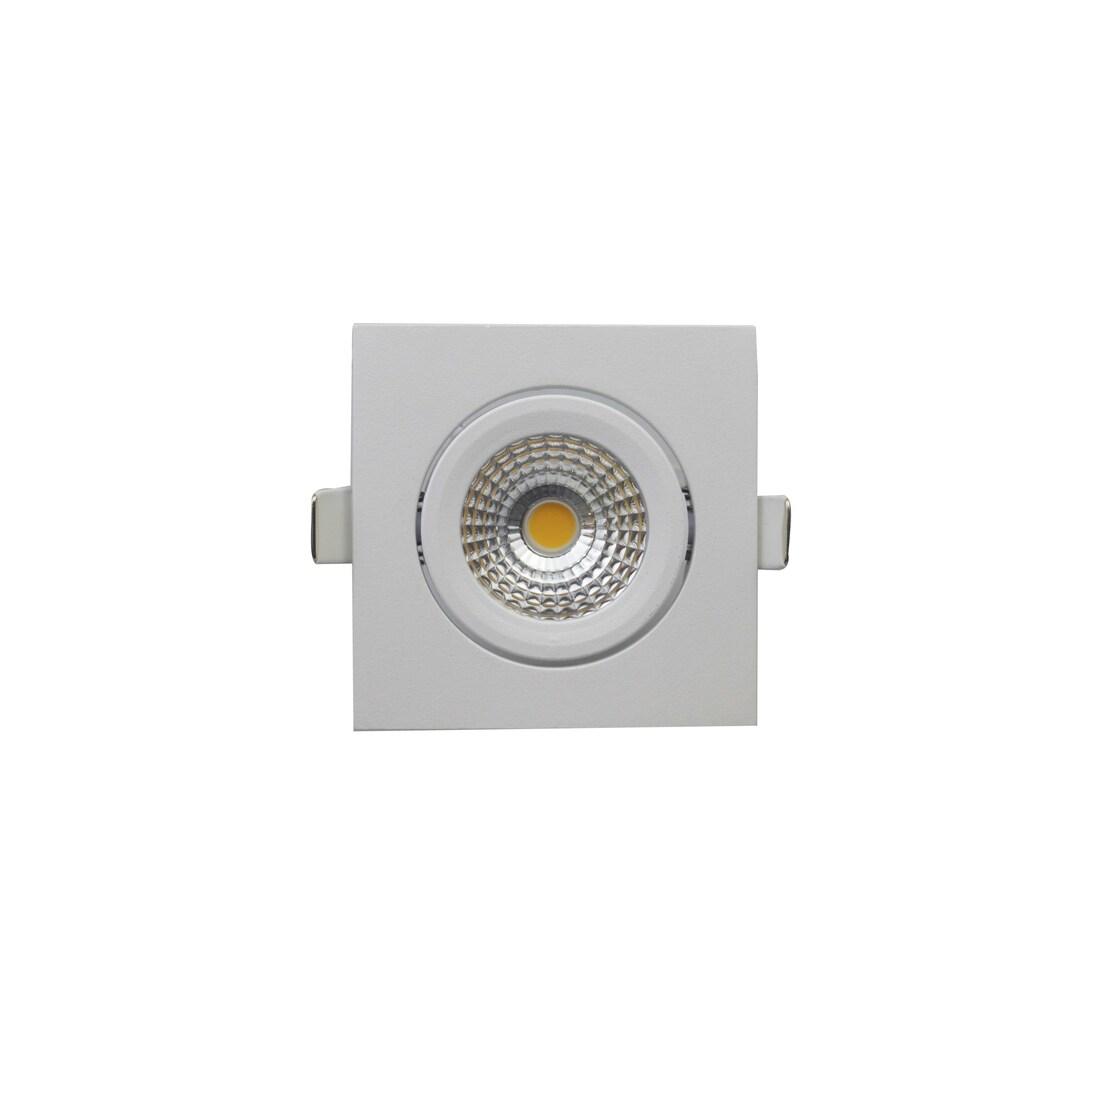 EM Electronics waterdichte inbouwspot dimbaar vierkant kantelbaar wit - compleet met lamp en driver - IP54